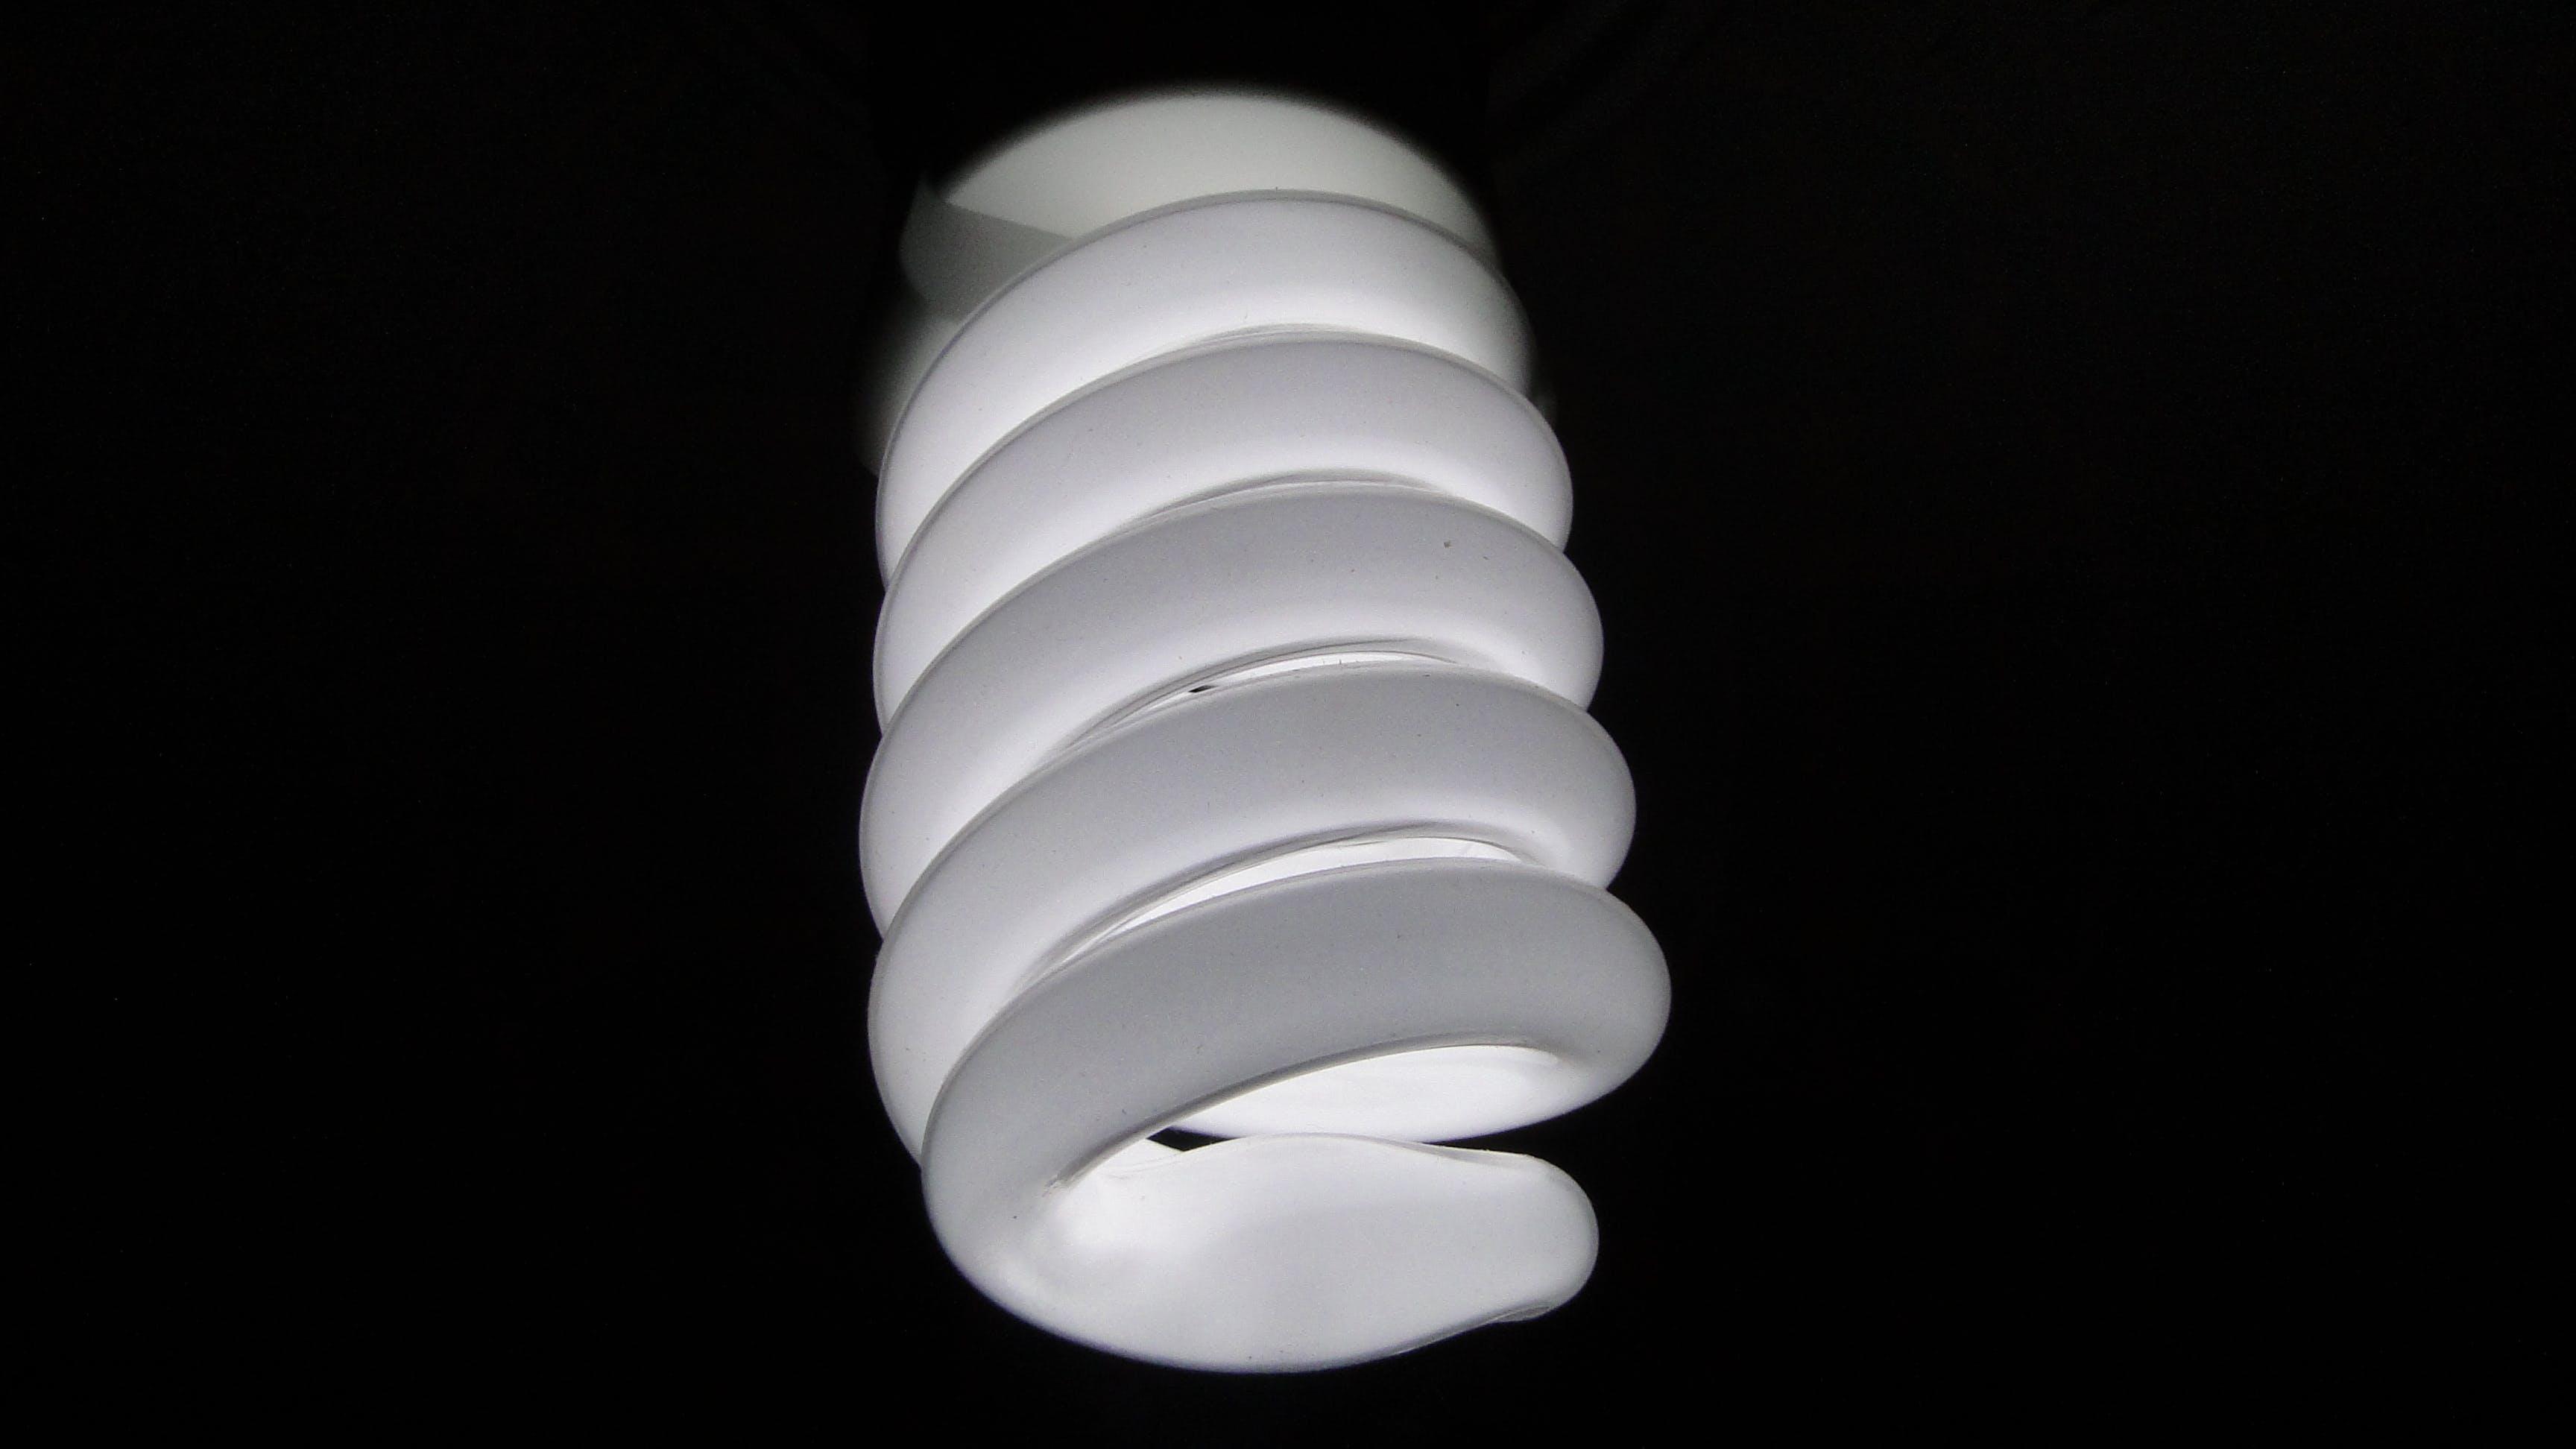 Spiral White Light Bulb